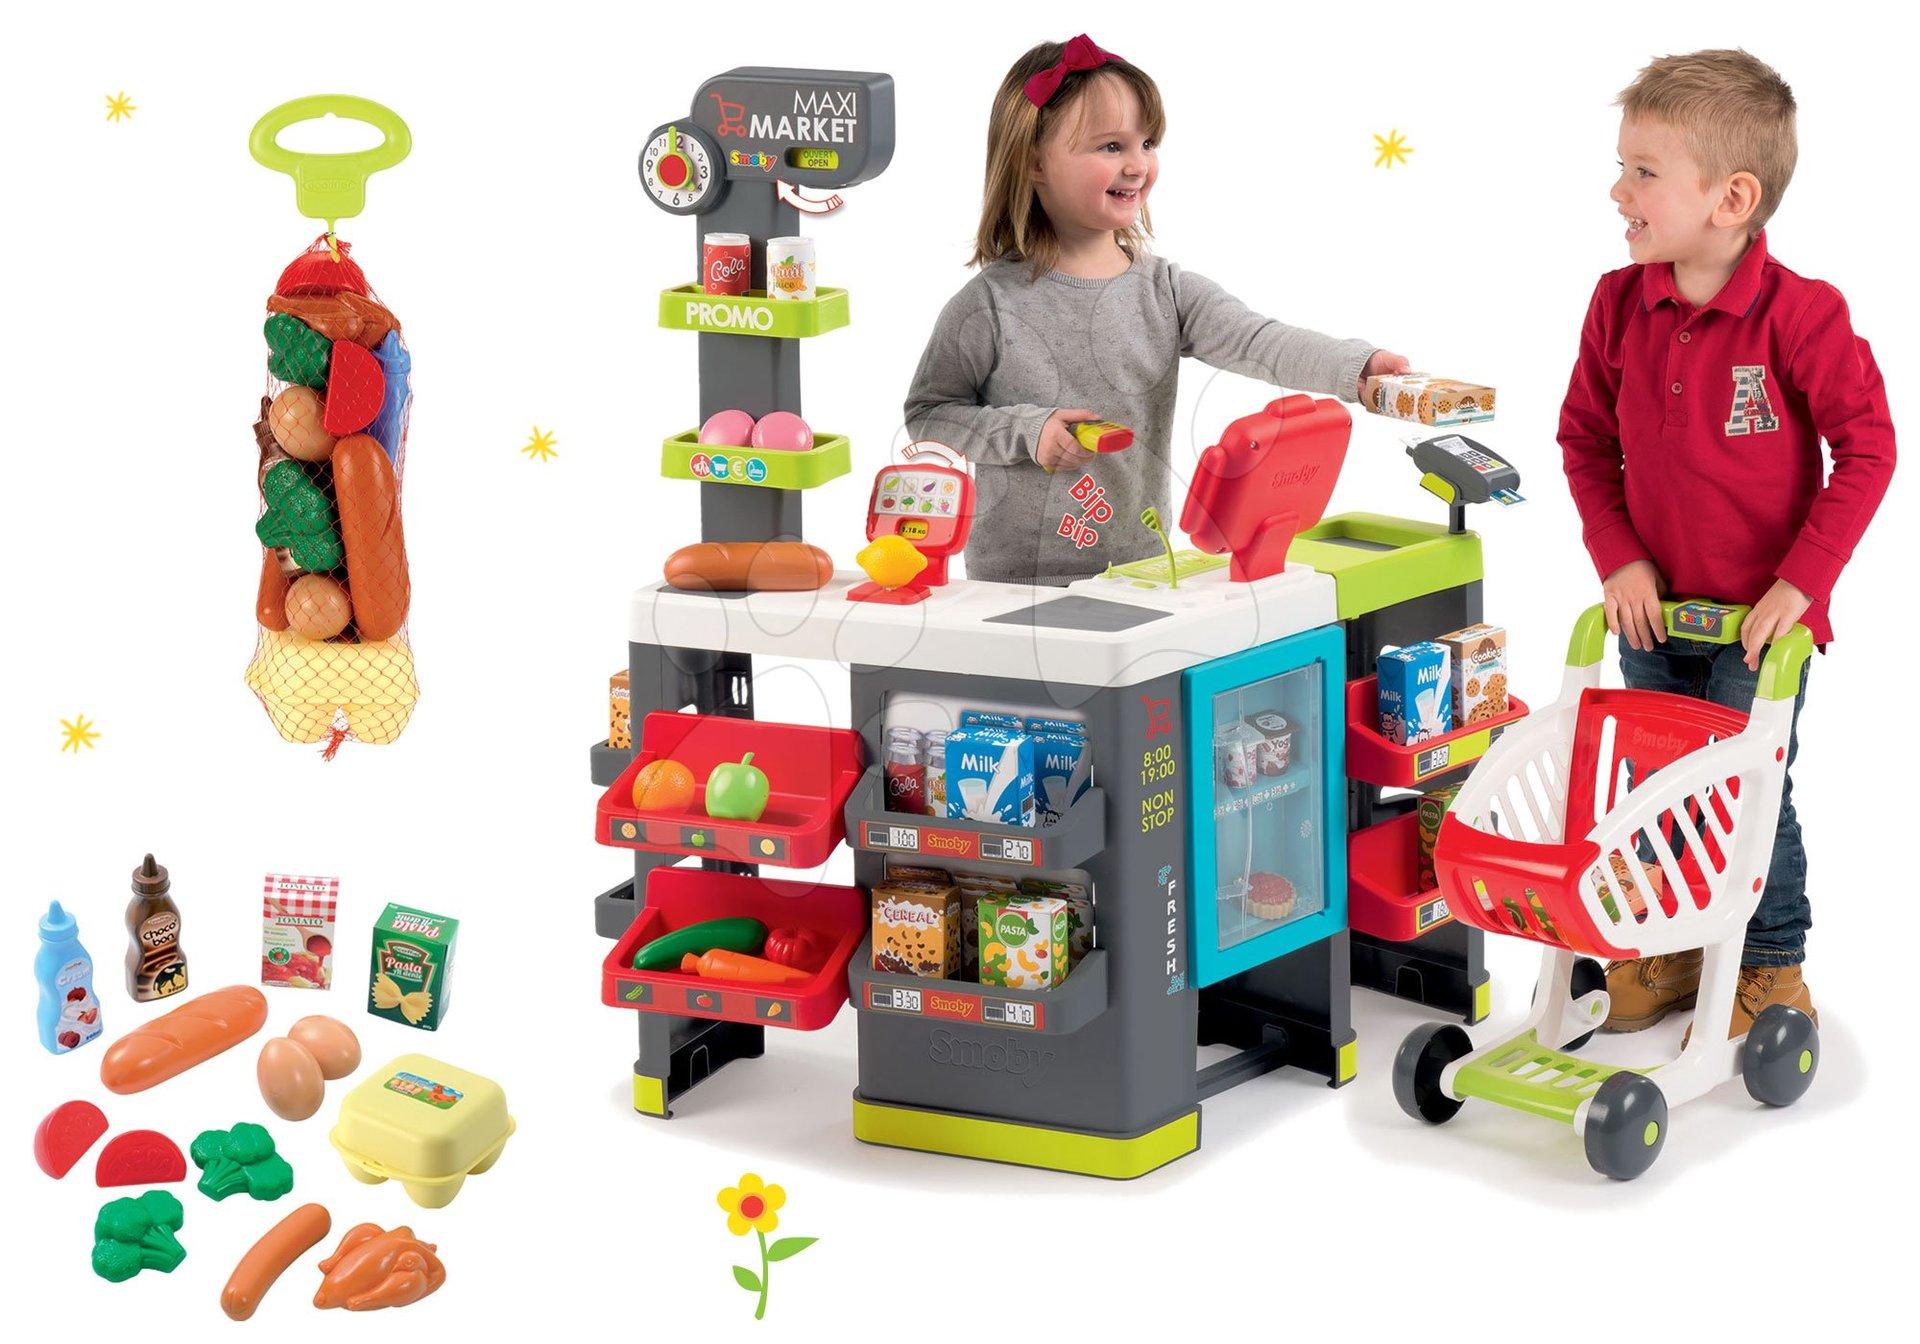 Smoby set obchod zmiešaný tovar Maximarket a potraviny v sieťke ako darček 350215-17